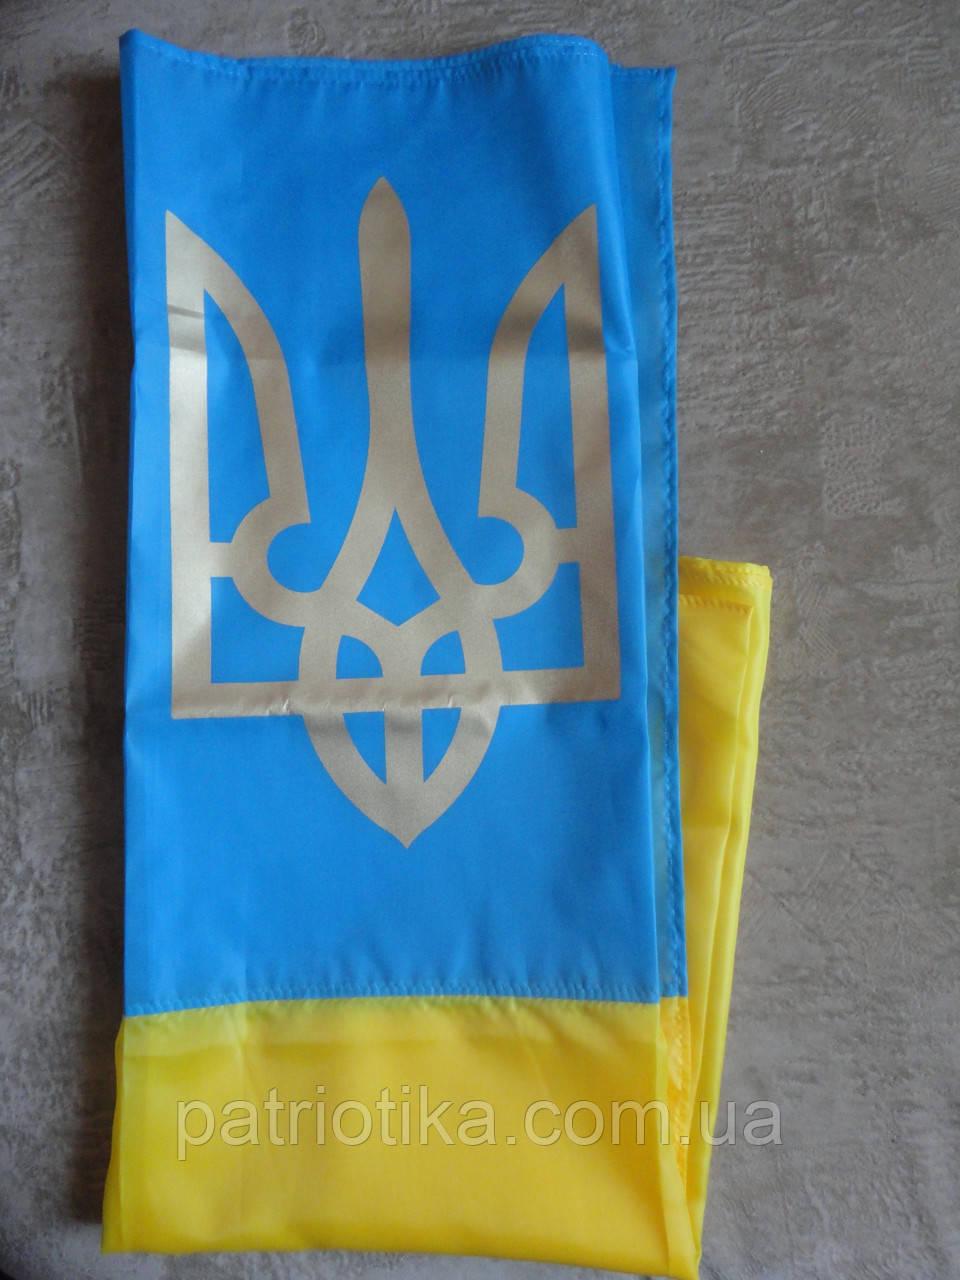 Прапор України   Прапор України 120х180 см тризуб поліестер